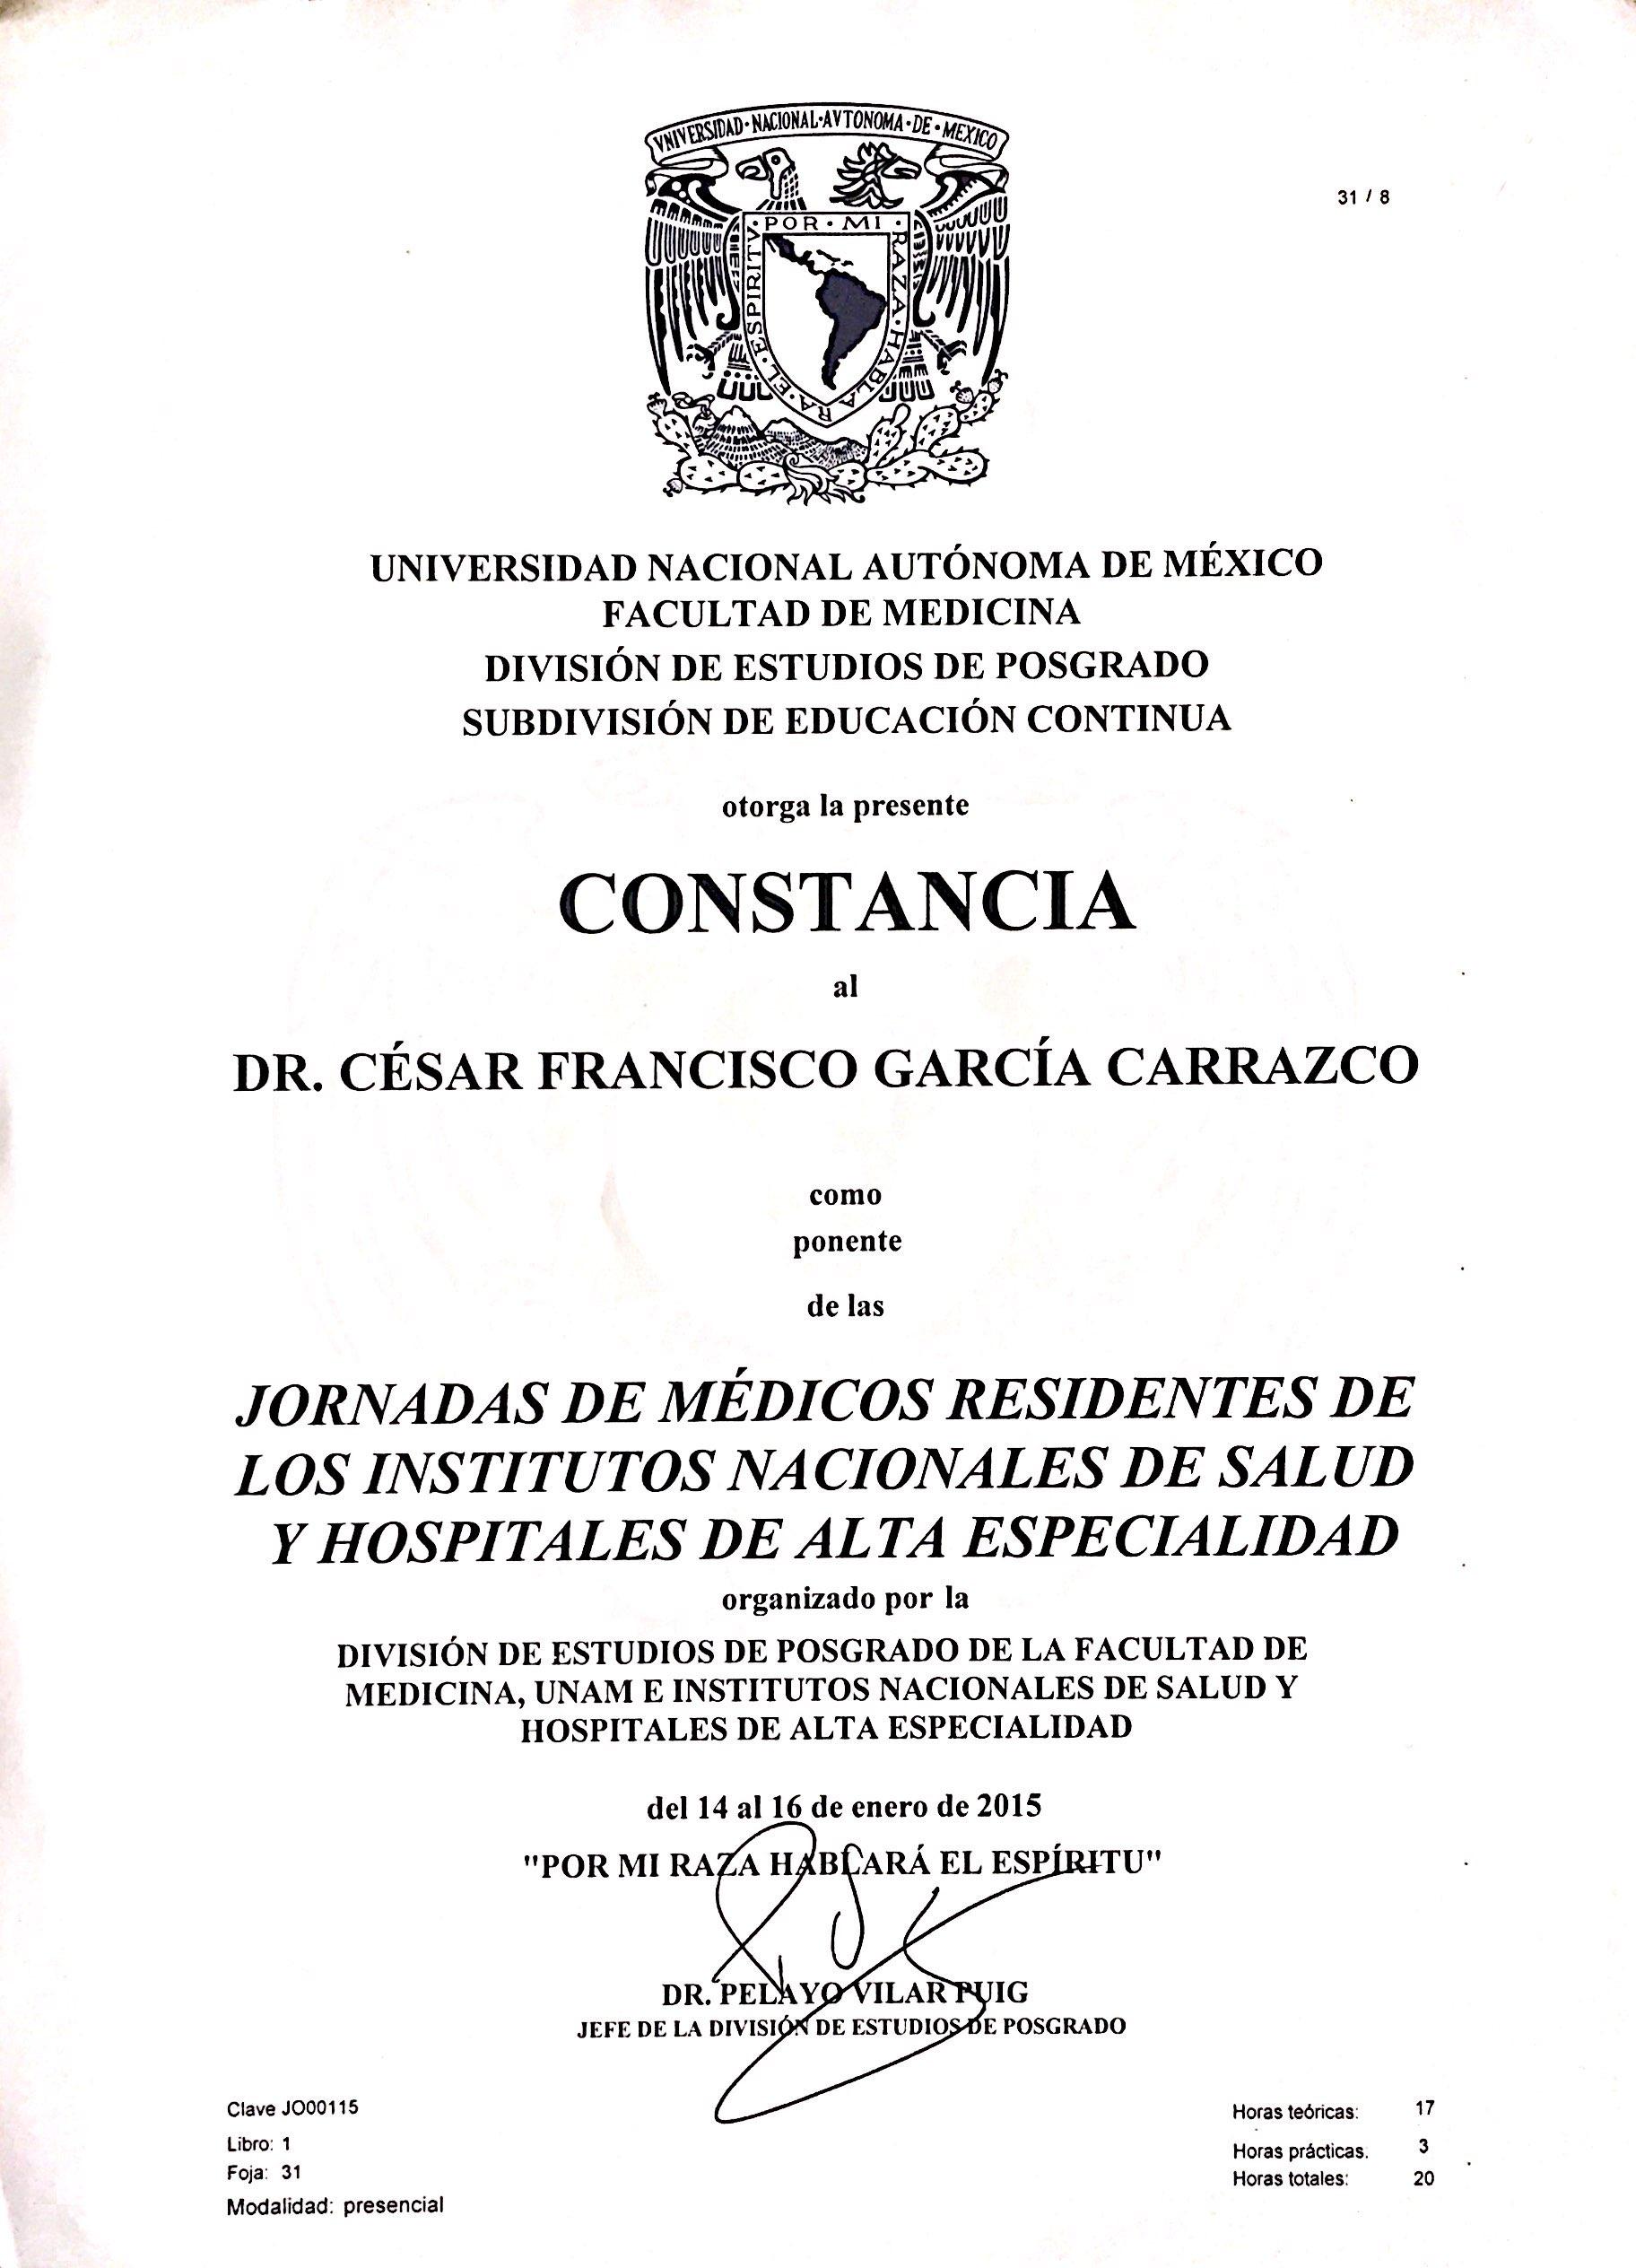 Dr. Garcia Carrazco_47